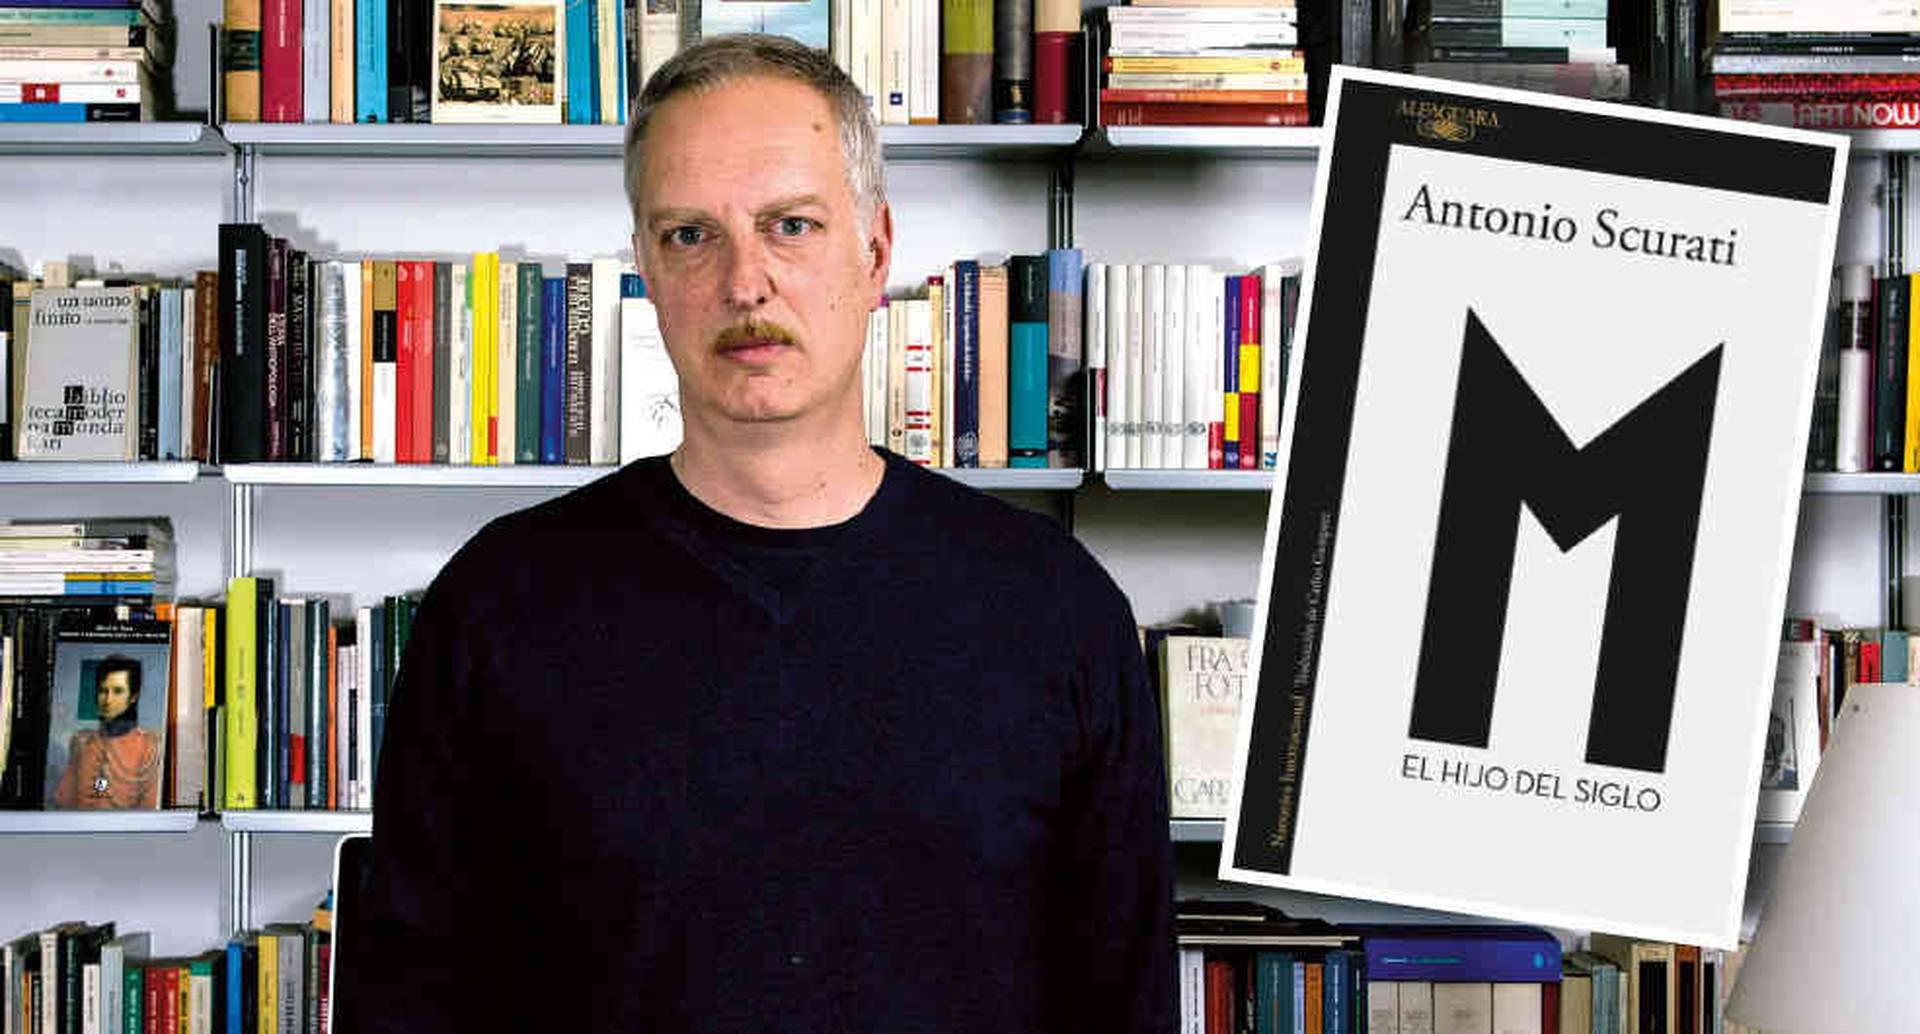 El italiano Antonio Scurati obtuvo  el premio Strega 2019 por esta novela.